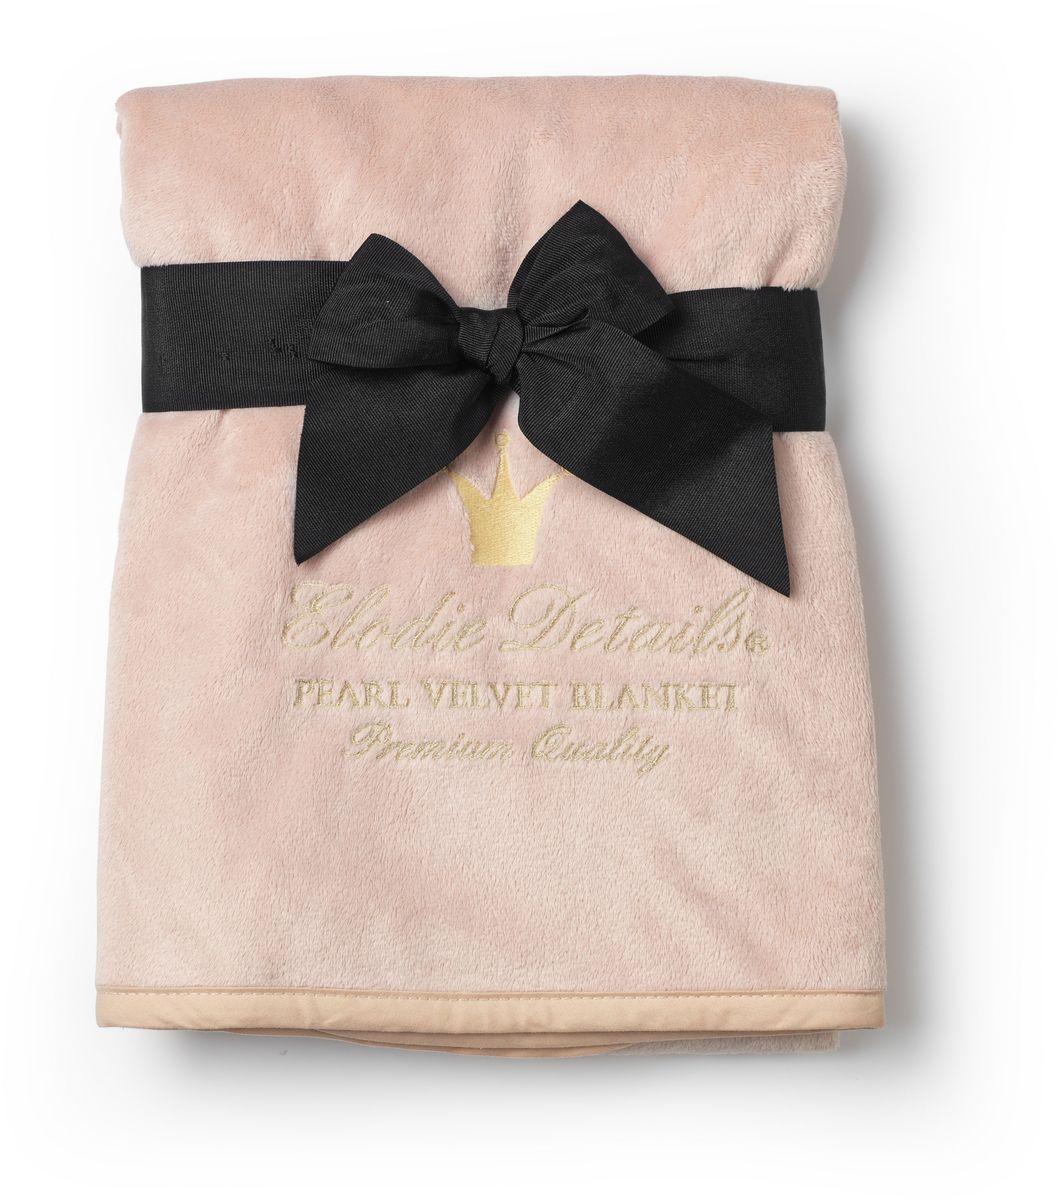 Elodie Details Плед детский Powder Pink 75 см х 100 см531-326Плед детский Elodie Details Powder Pink - выполнен из бархатного флиса Pearl Velvet. Материал нового поколения пленяет своей нежностью и теплотой. Малыш с удовольствием закутается в него во время прогулки или будет обнимать, как любимого мишку во время сна. Pearl Velvet имеет влагоизоляционные особенности, необходимые для детских одеял. Плед можно брать с собой на прогулку, укрывать малыша в коляске или просто накинуть на плечи во время пикника. Высокое качество материала позволяет стирать плед в стиральной машине. Он не потеряет свою форму, мягкость и цвет. Модель выполнена в нежном пудровом оттенке и украшена золотистым логотипом бренда.Нагрудники, клипсы для пустышек, бутылочки, сумки для мам, одеяла - все это необходимые вещи повседневной жизни мамы и ребенка. Шведская компания Elodie detalis создает эти предметы уникальными и неповторимыми. Превосходное качество, стиль и практичность сделали компанию популярной во всем мире.